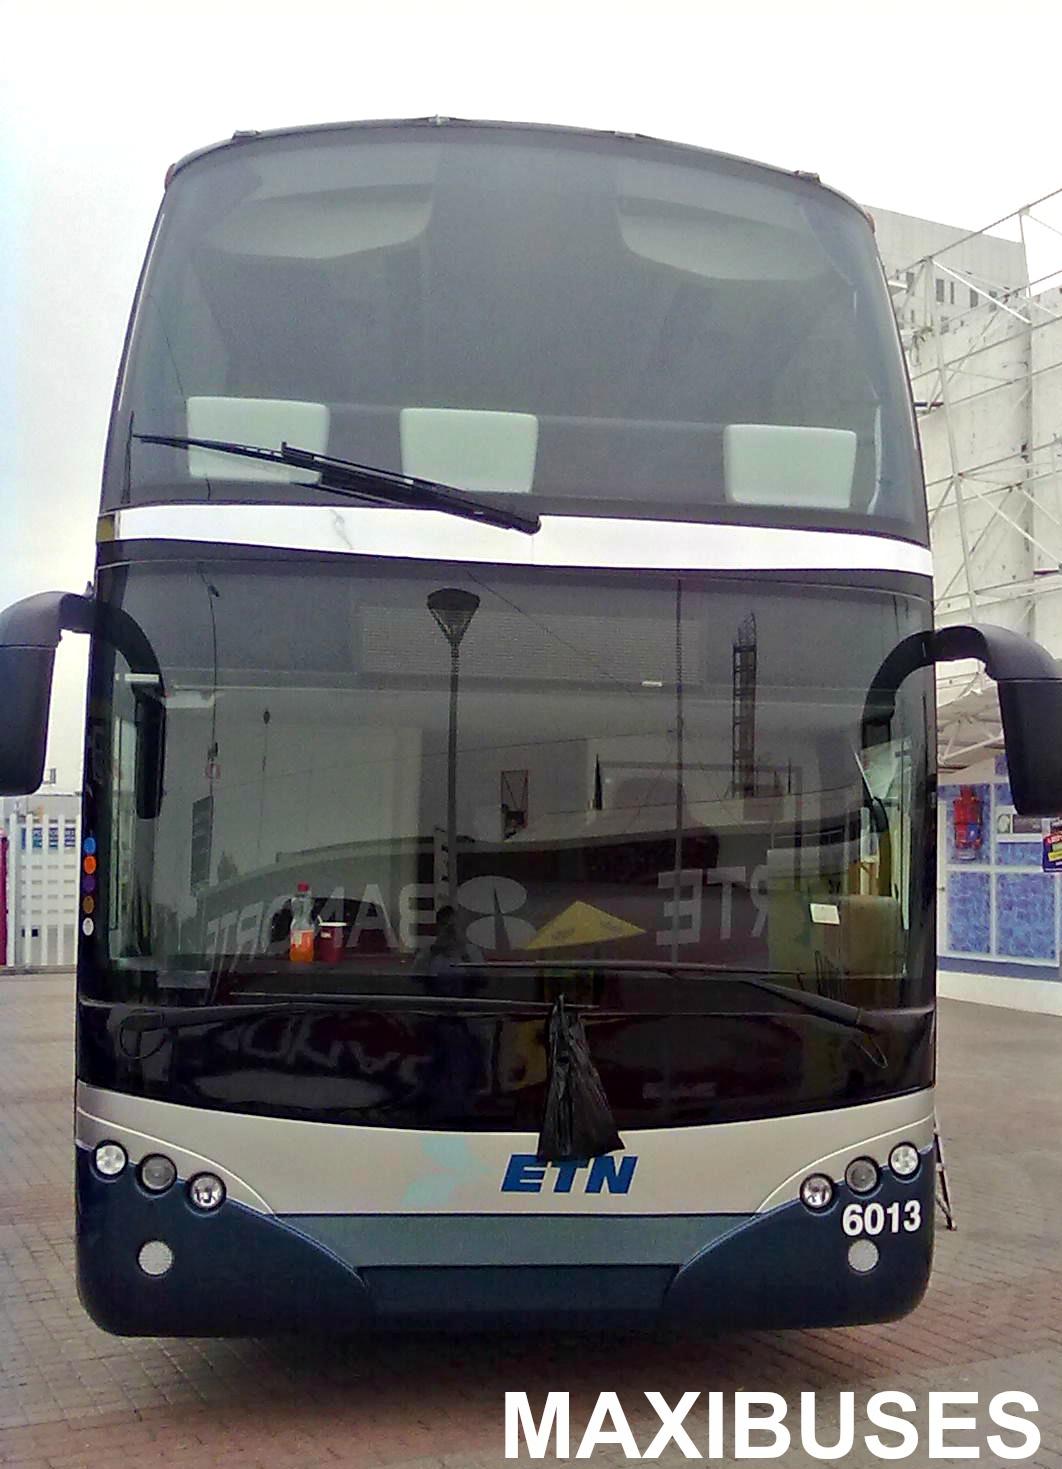 Maxibuses enlaces terrestres nacionales etn dos pisos - Autobuses de dos pisos ...